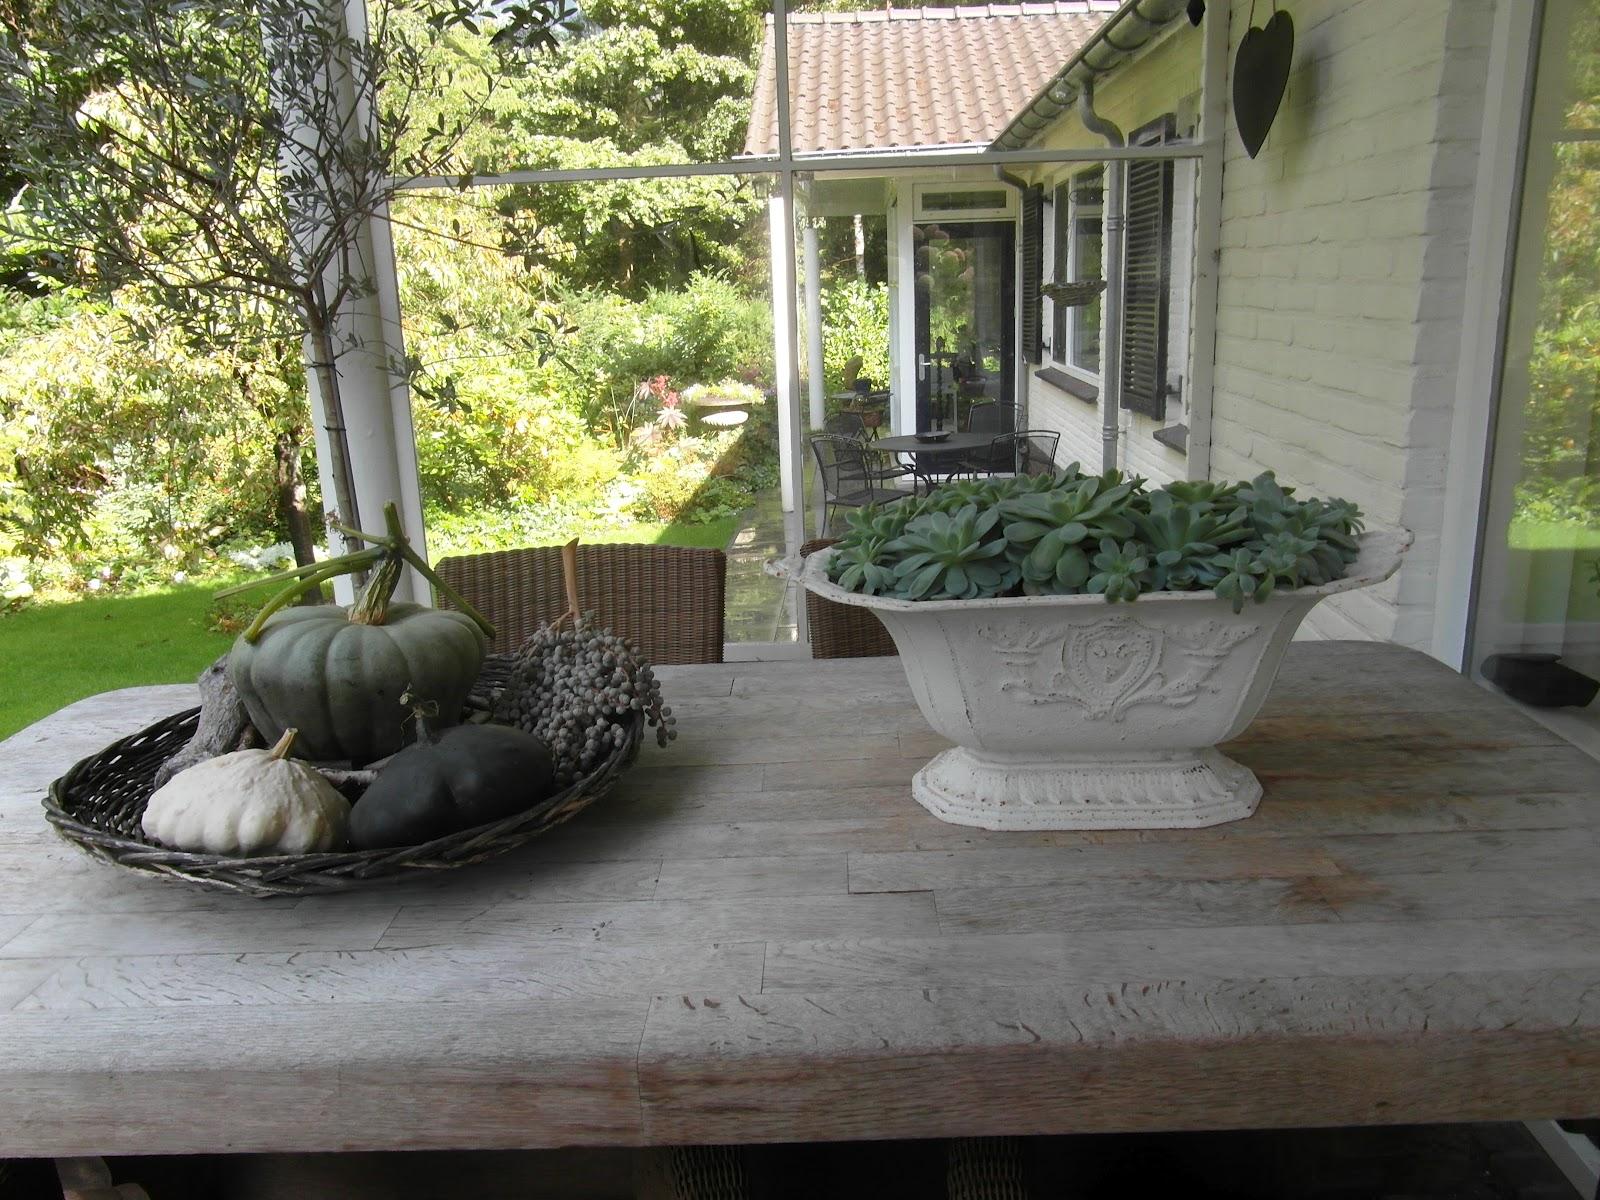 Jannysblog herfst op het terras for Decoratie herfst